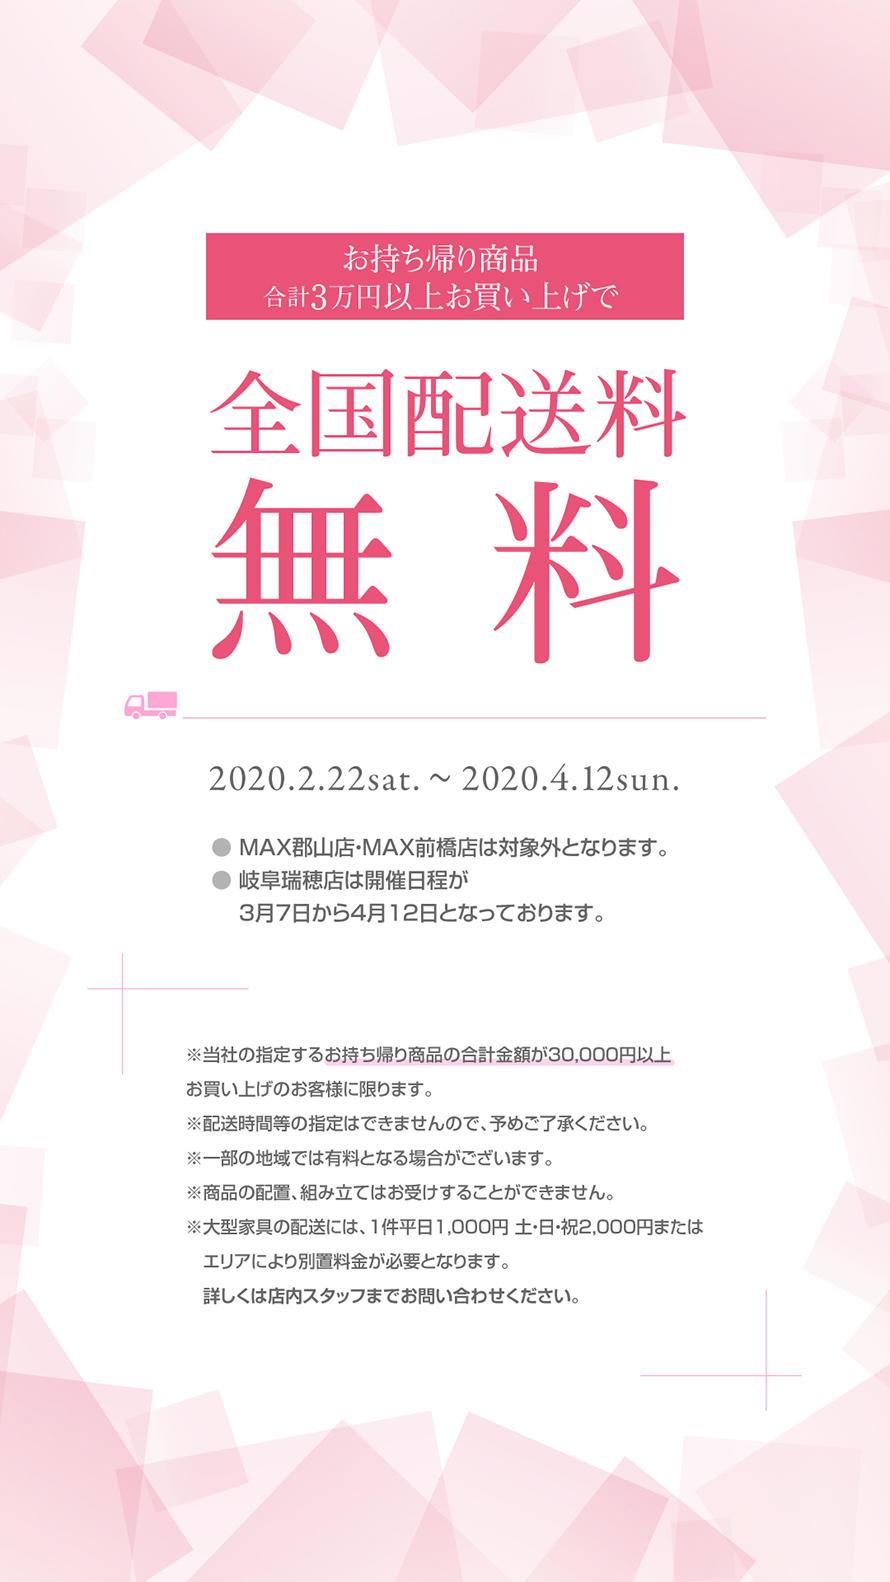 line_0221_haisomuryo_890.jpg